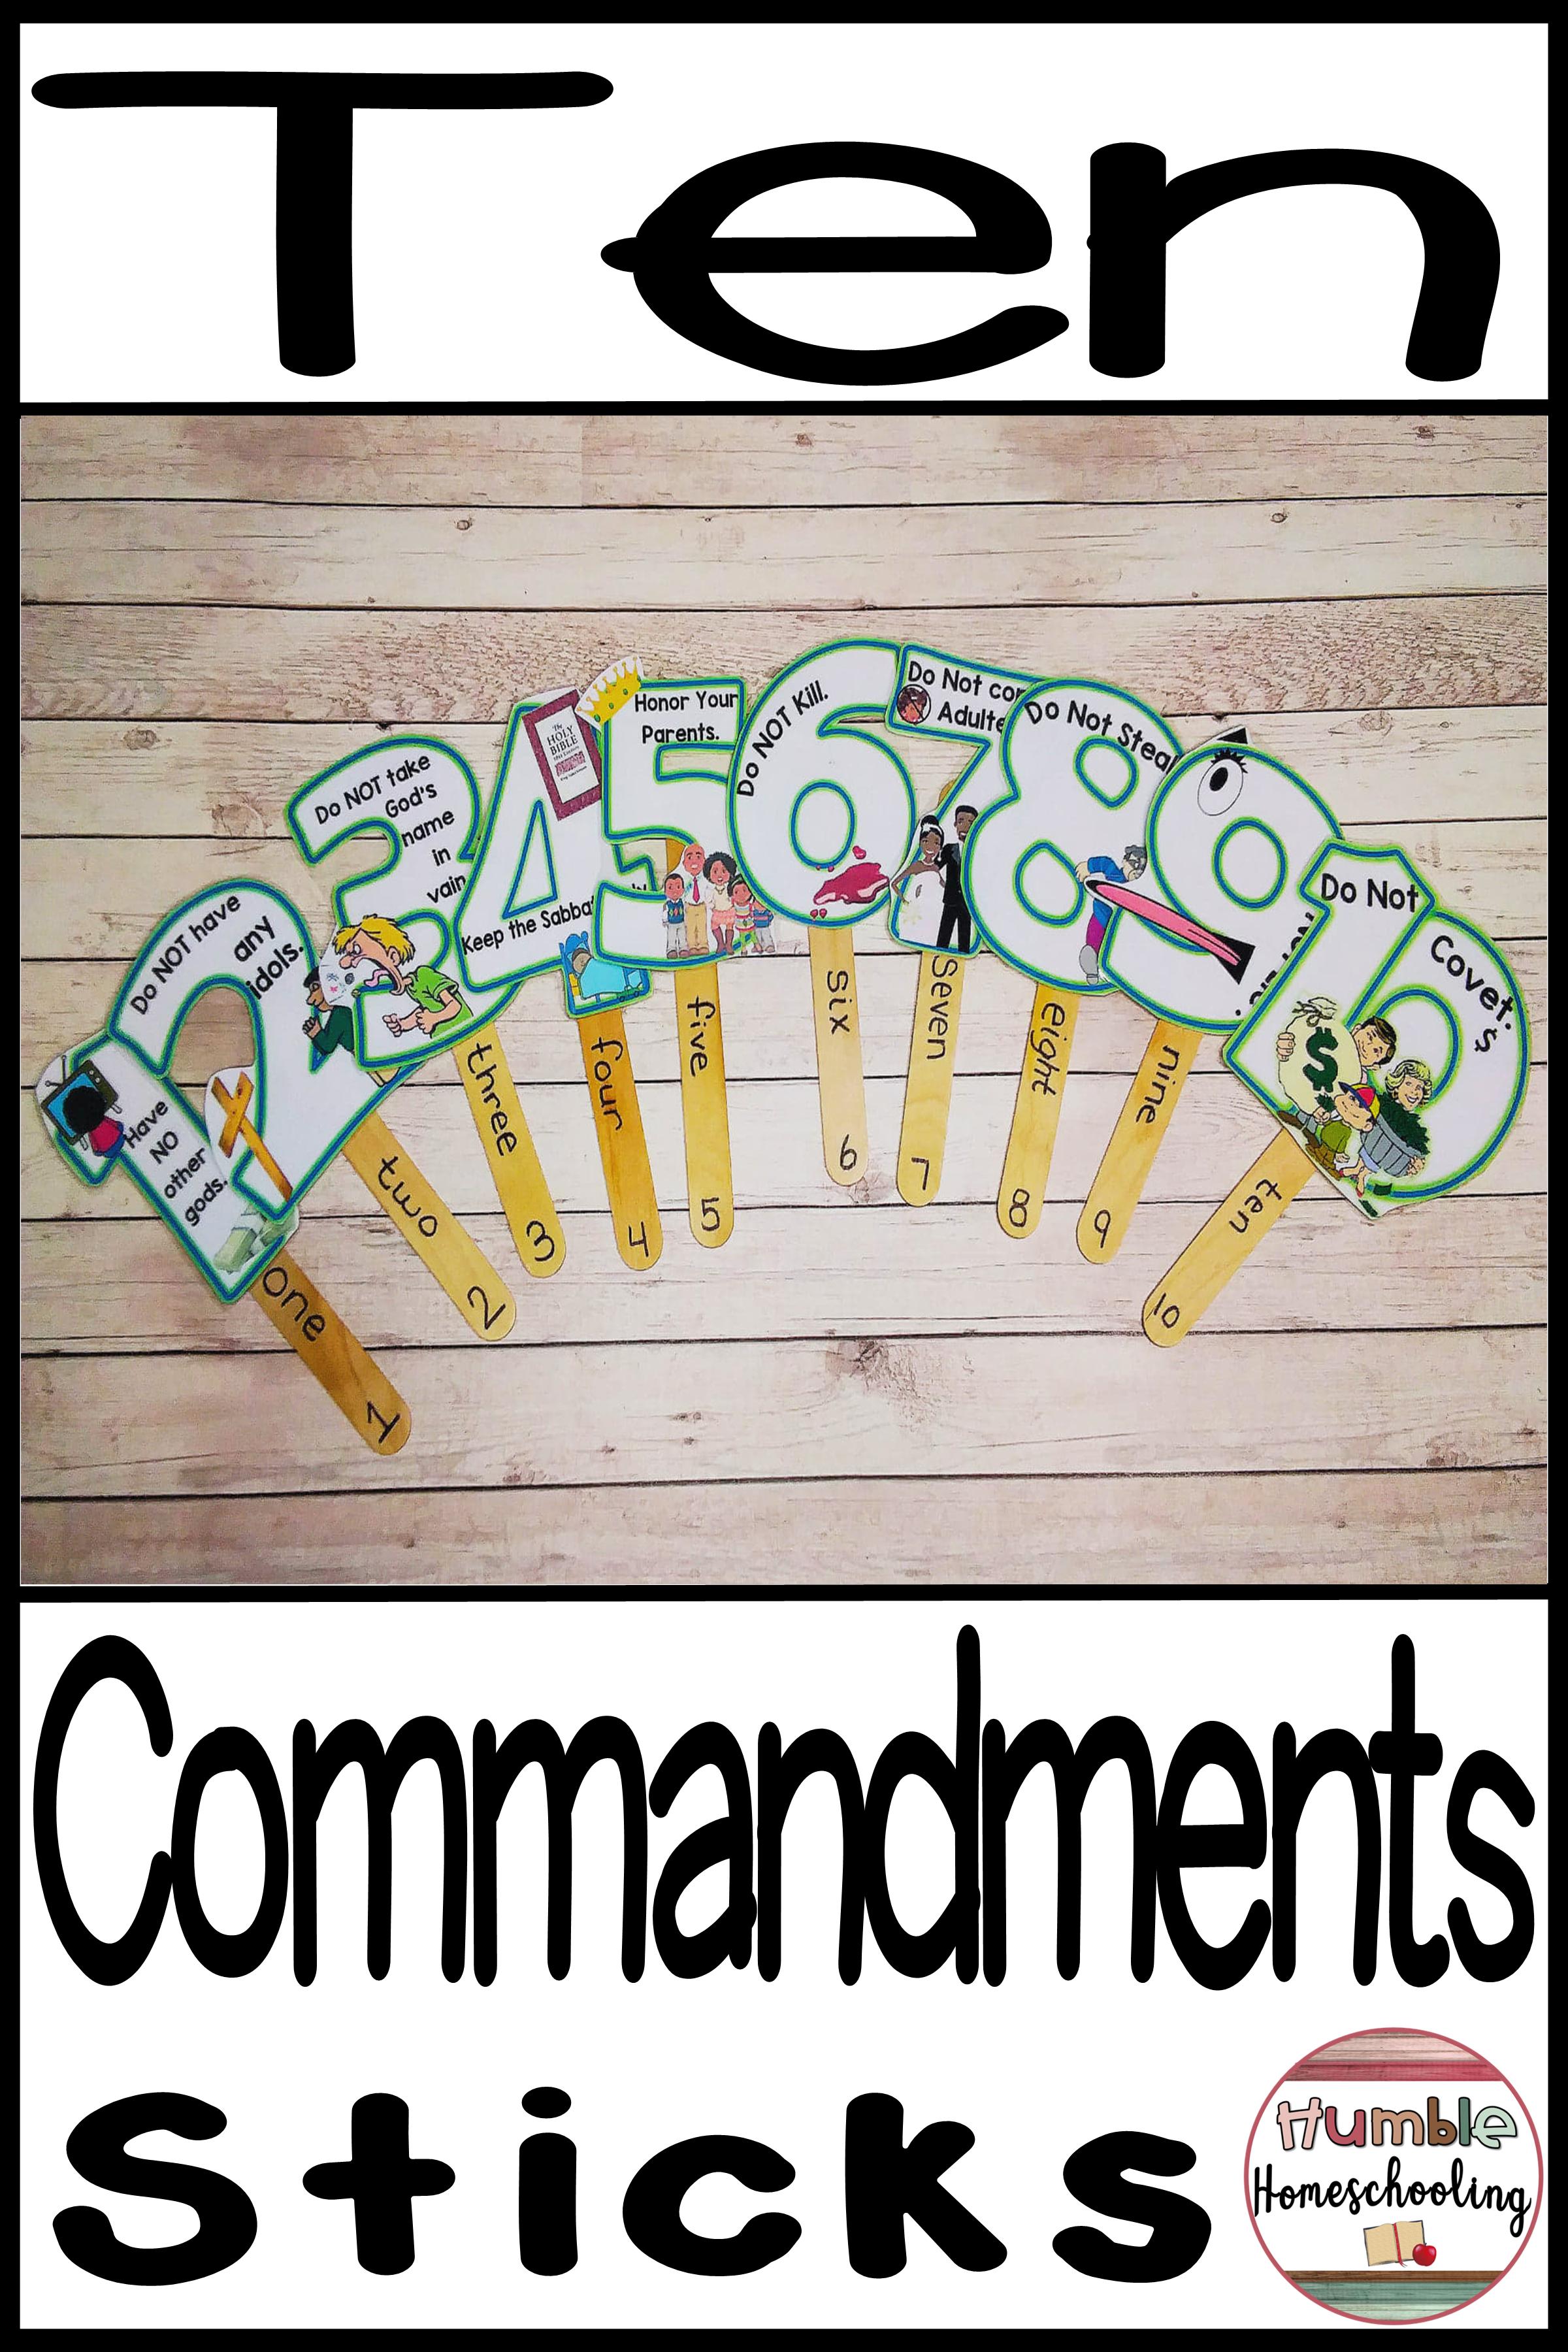 The 10 Commandments.